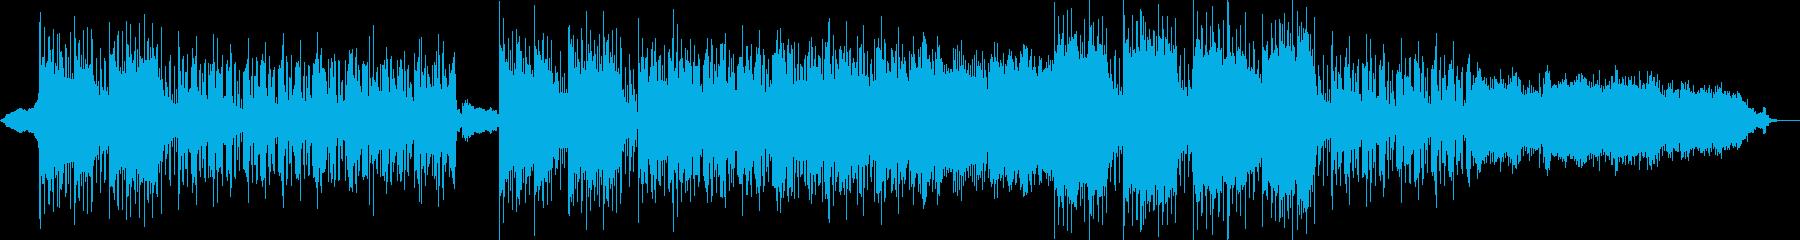 エレクトロトランス。進歩的でとても...の再生済みの波形